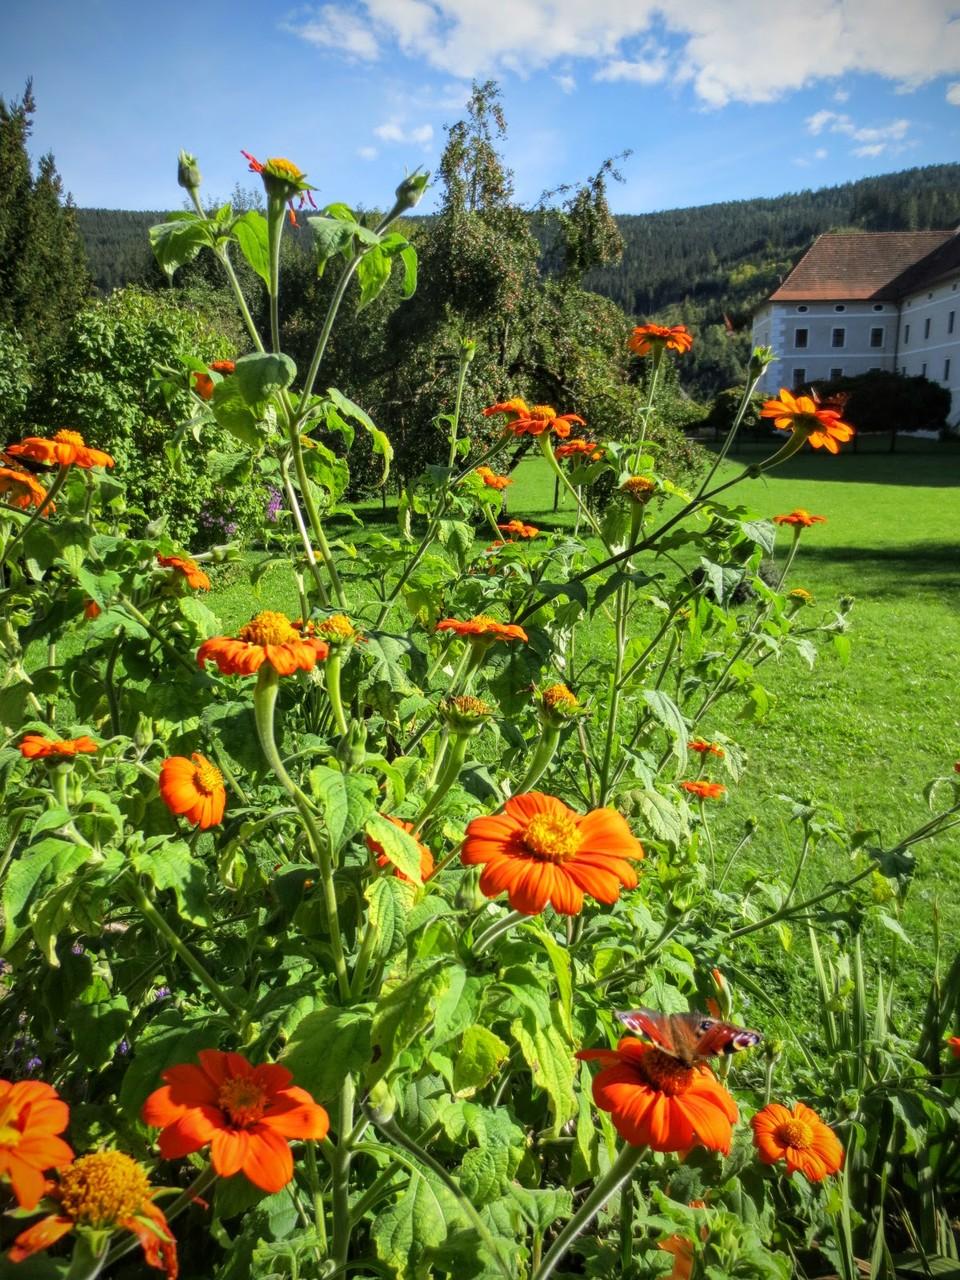 Klostergarten des Gurker Domes